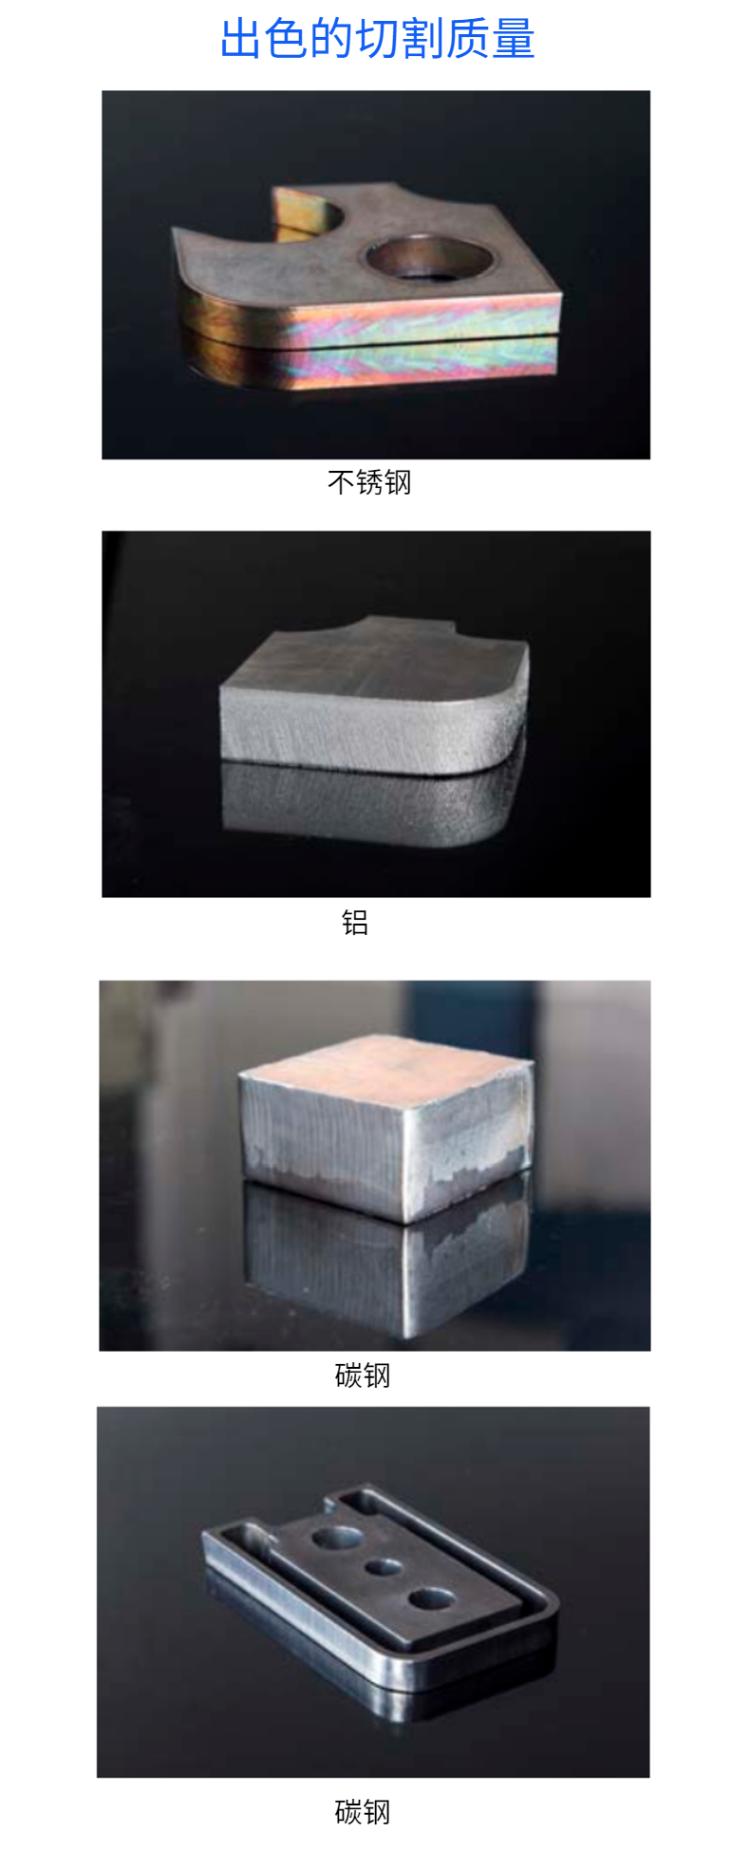 成都华远逆变式精细等离子切割机FLG-200 300HD (7)